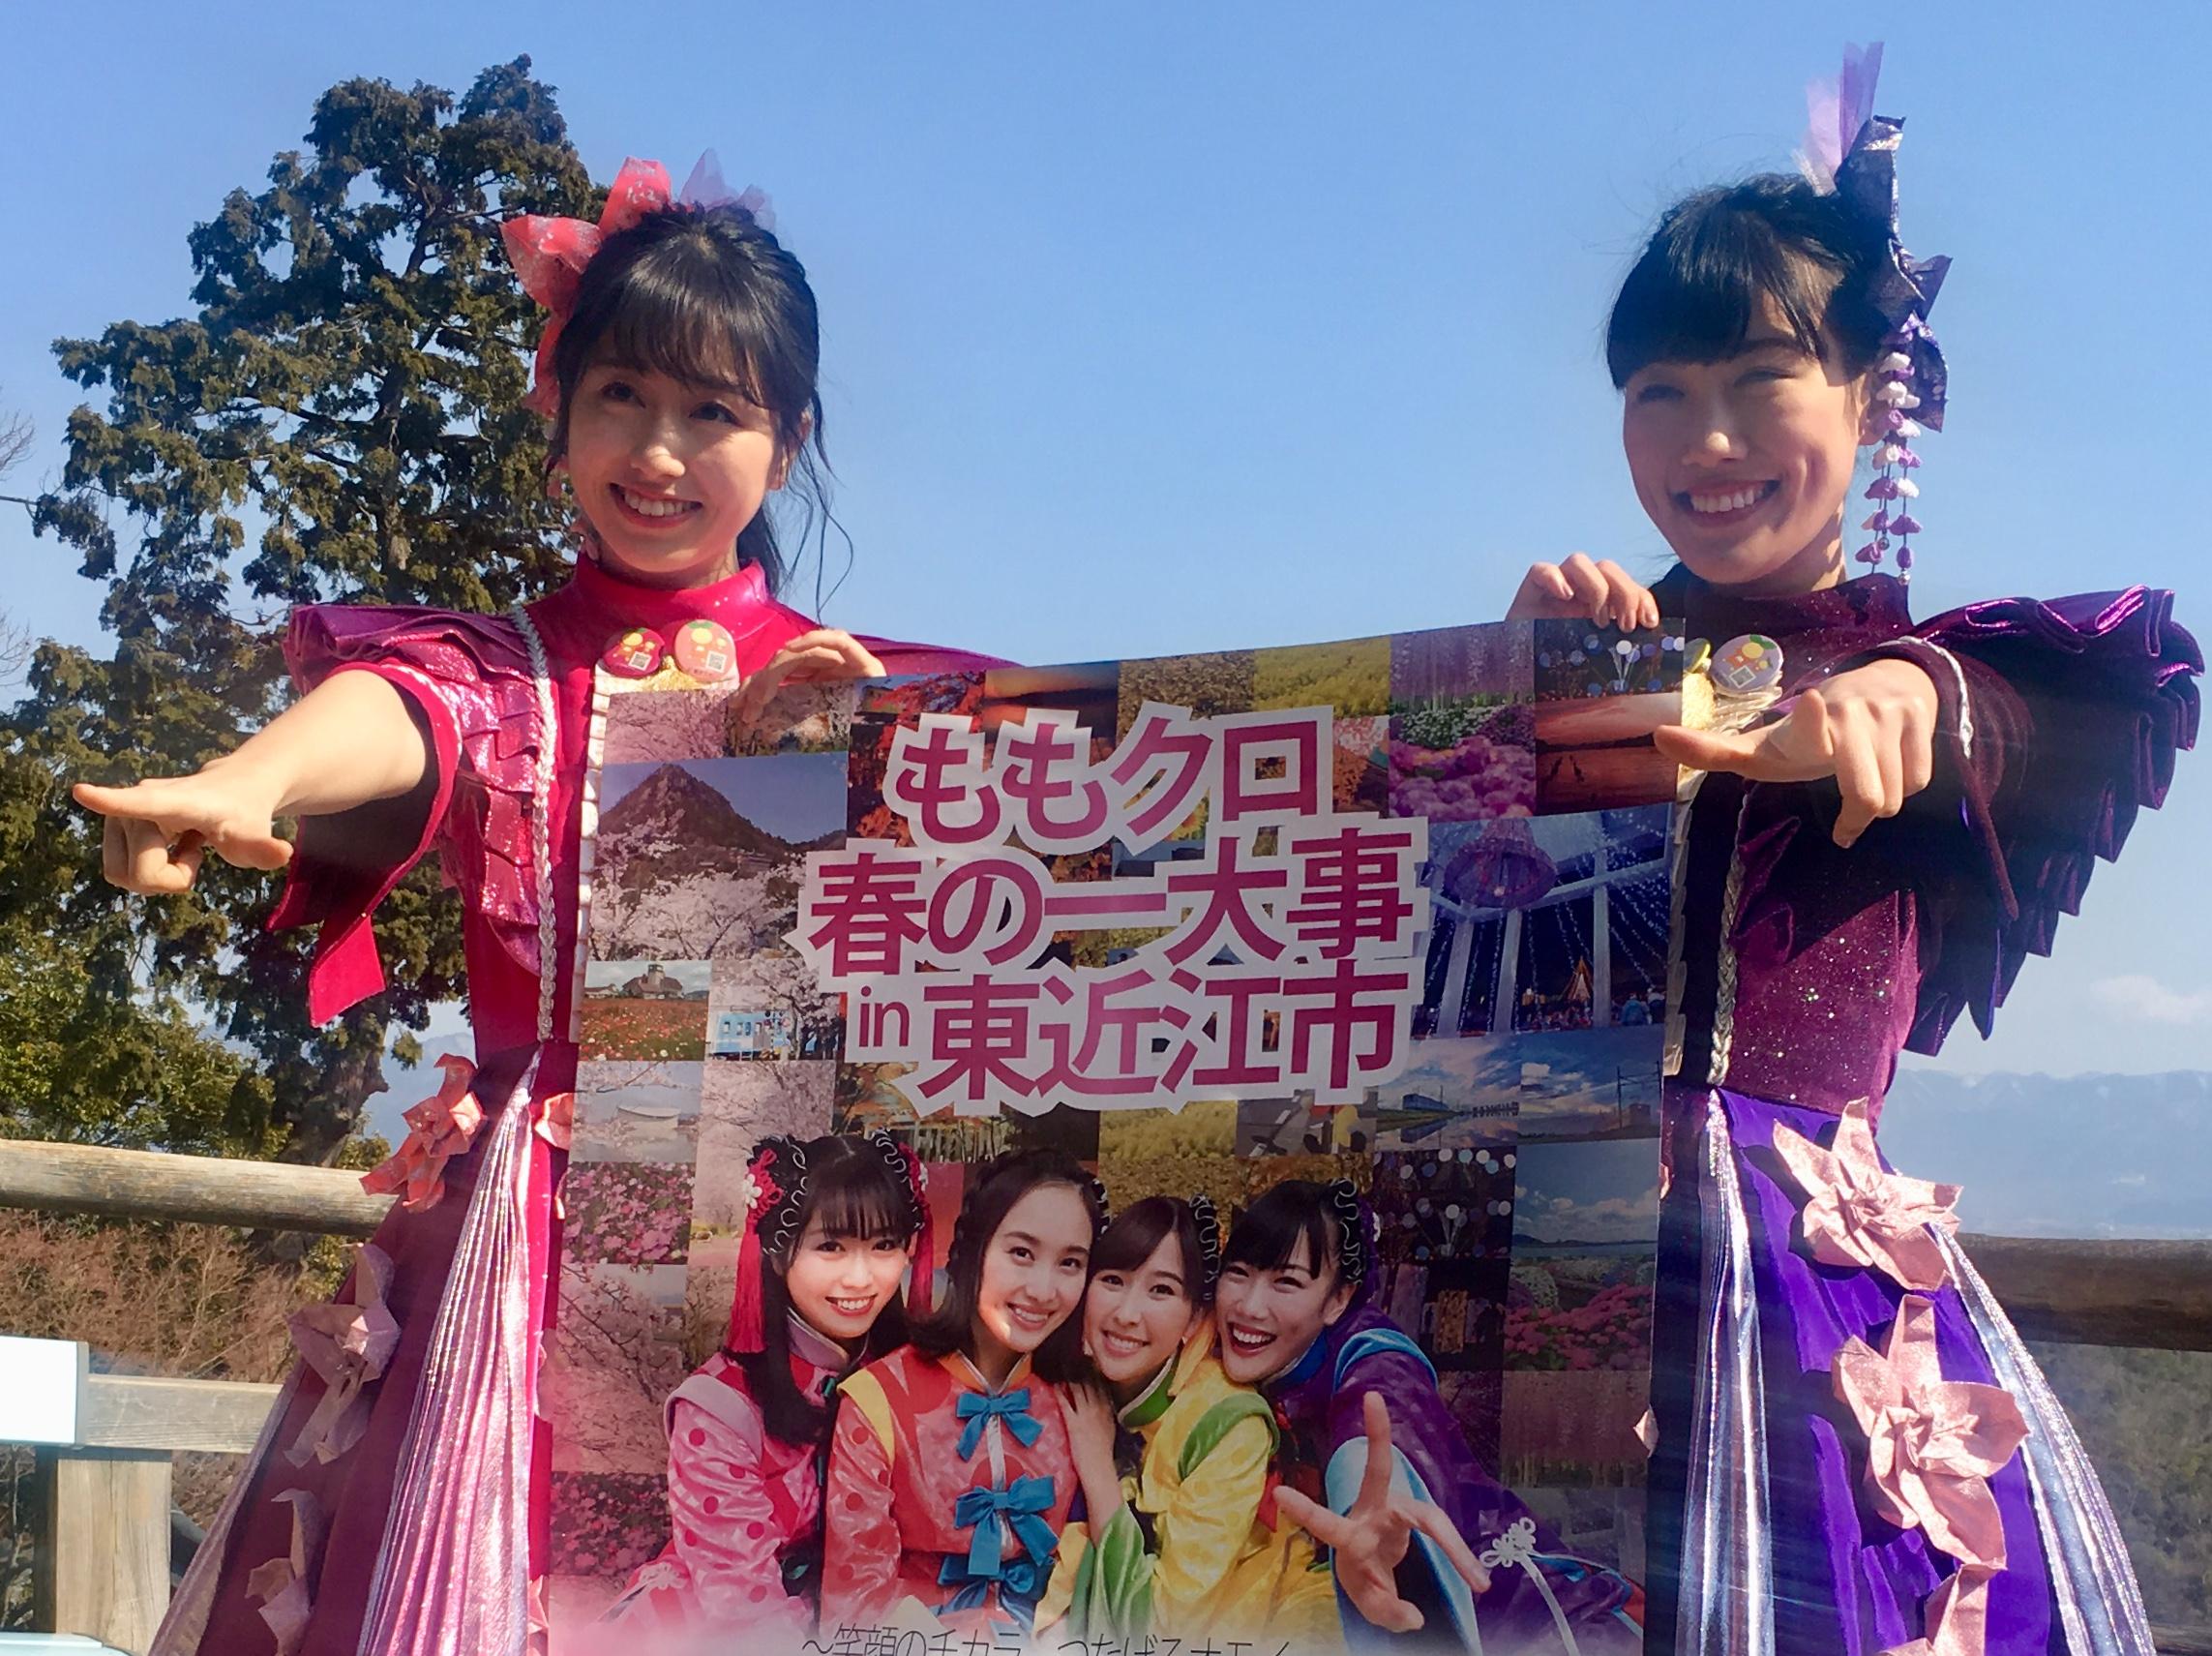 『ももクロ春の一大事2018 in 東近江市 ~笑顔のチカラ つなげるオモイ~』 アイドルの音楽の輪 その3